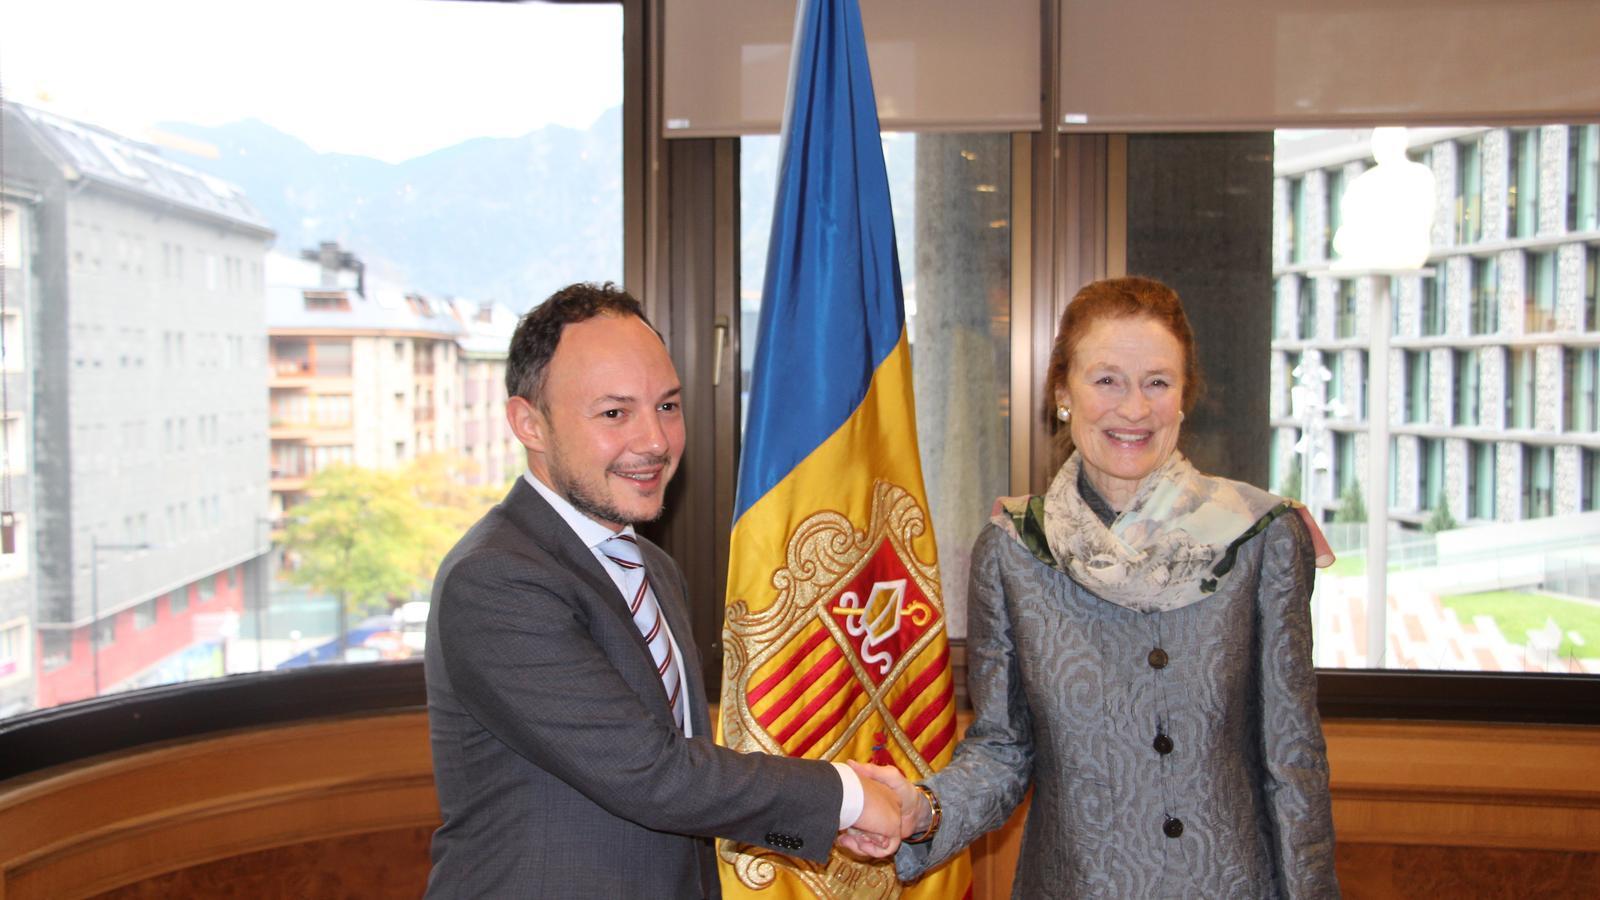 Salutació entre el cap de Govern, Xavier Espot, i la directora executiva d'UNICEF, Henrietta H. Fore. / A.S.